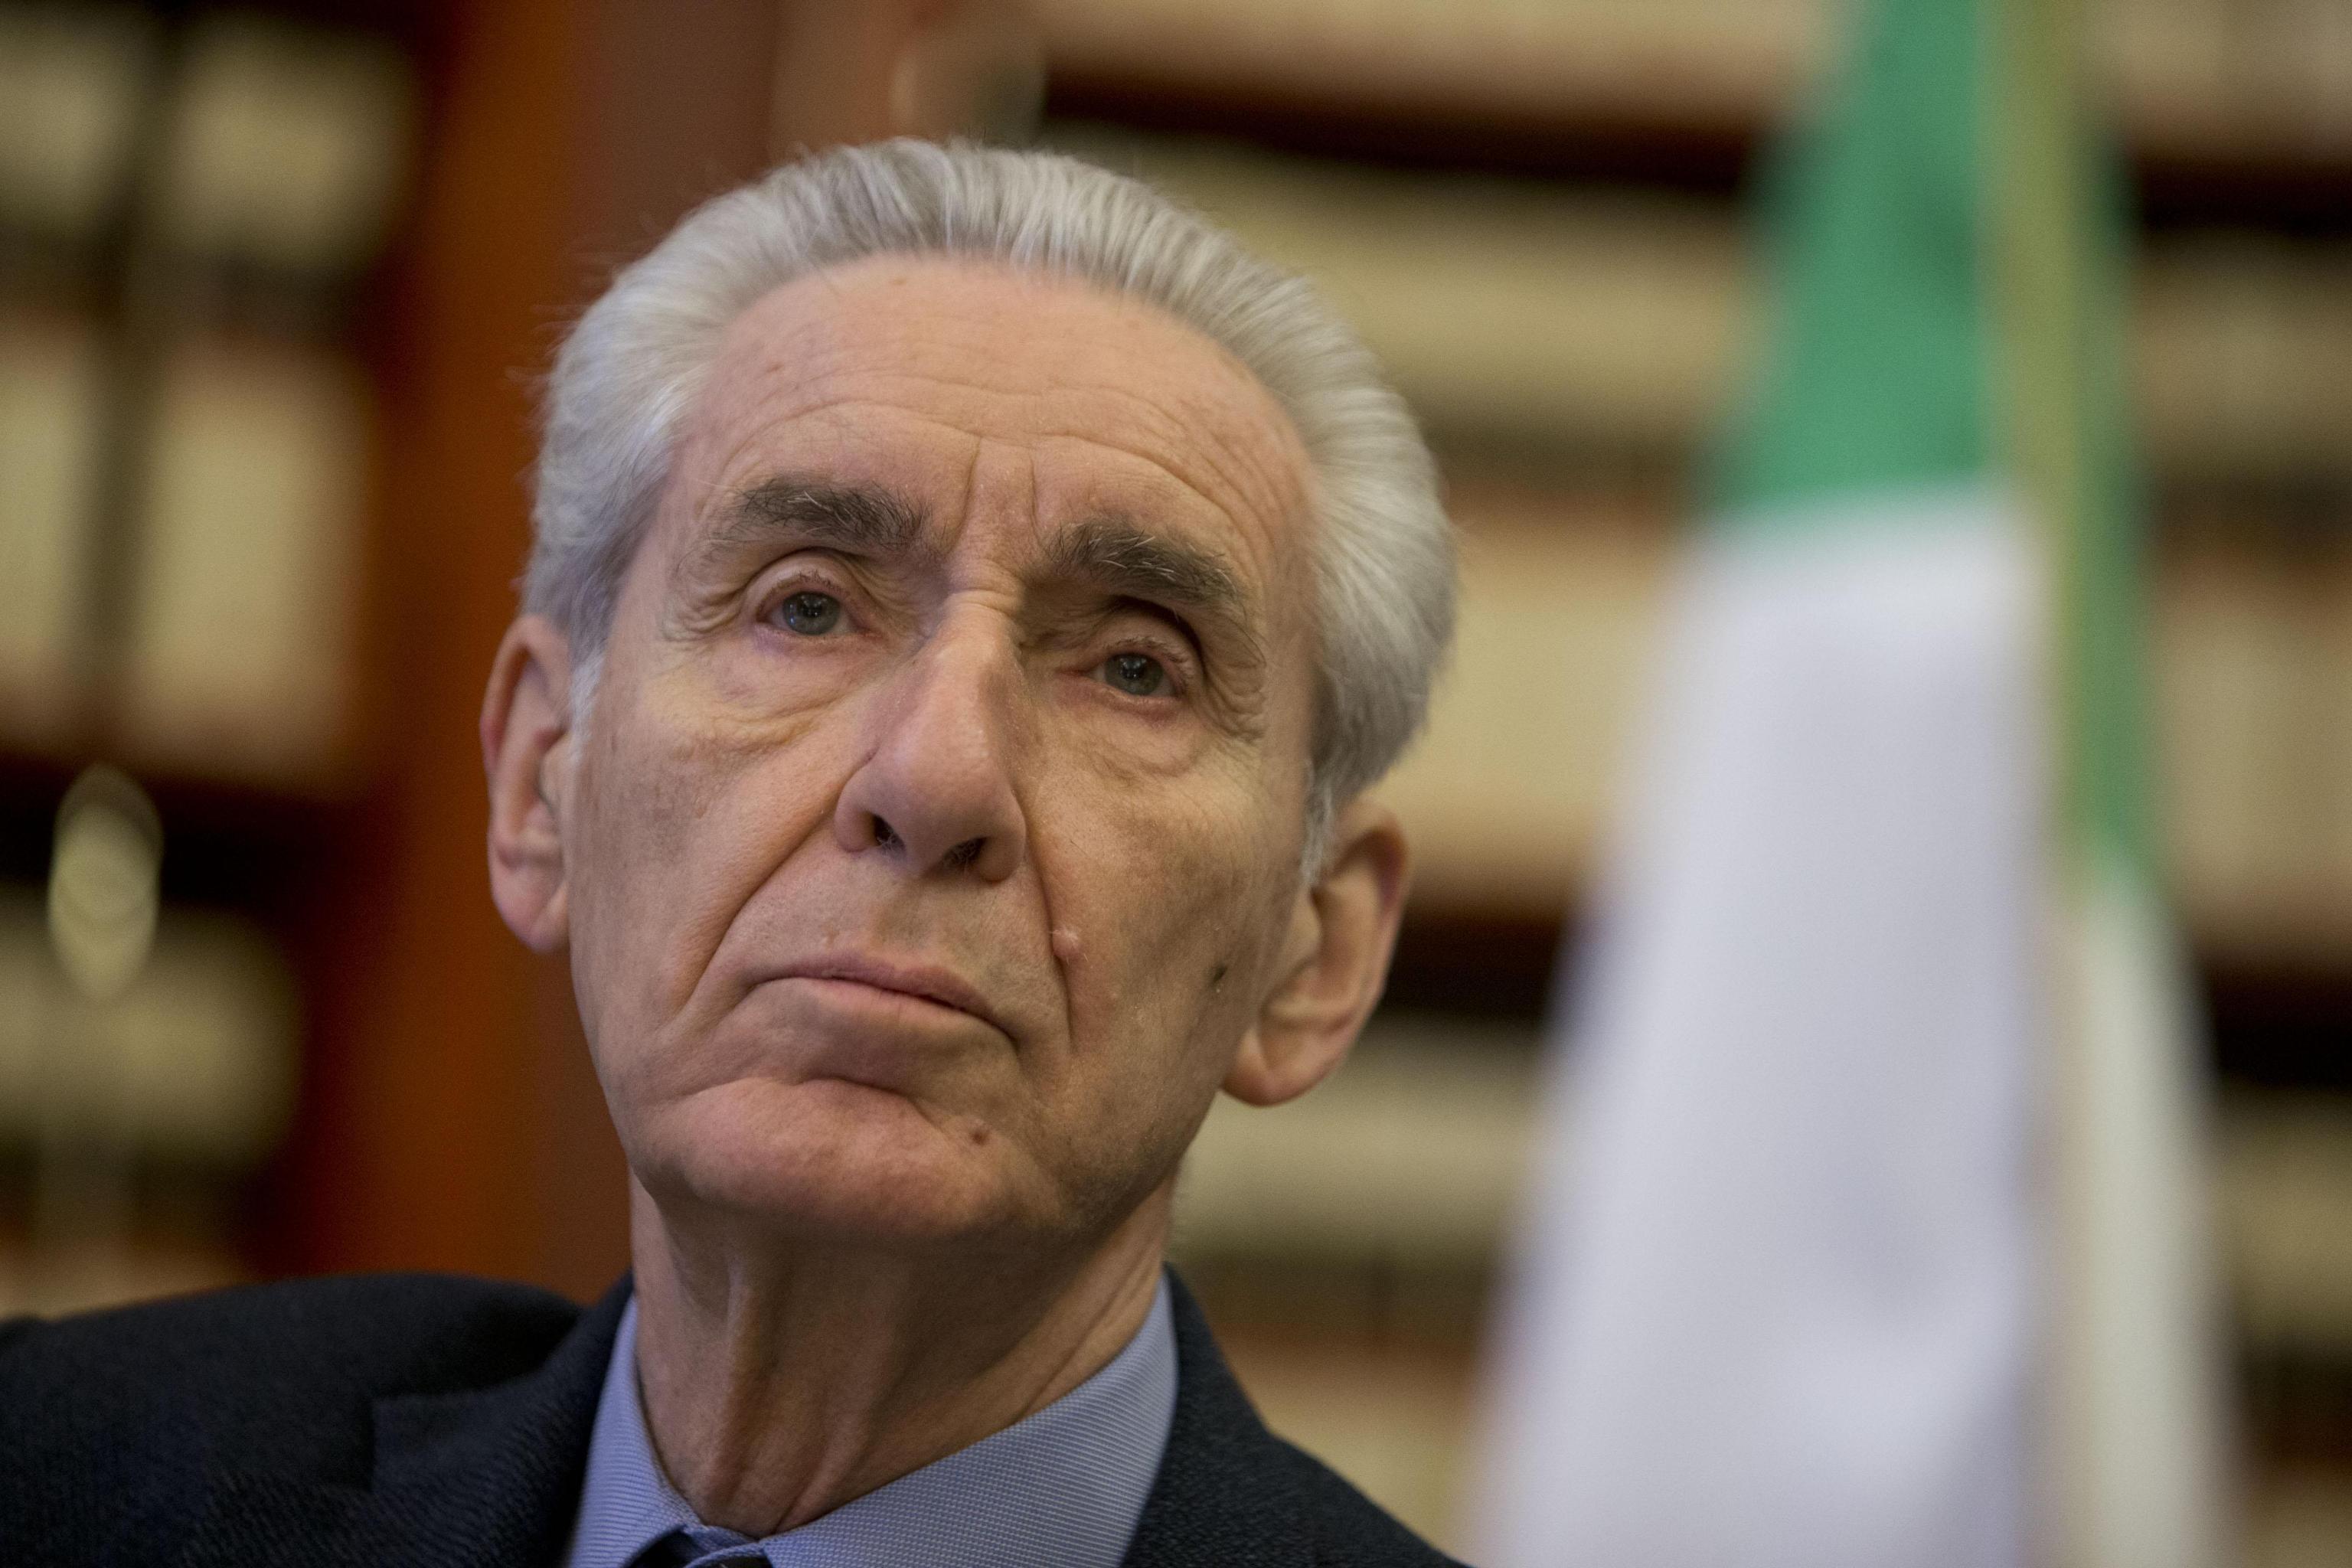 Lutto nel mondo del diritto e della politica: è morto Stefano Rodotà